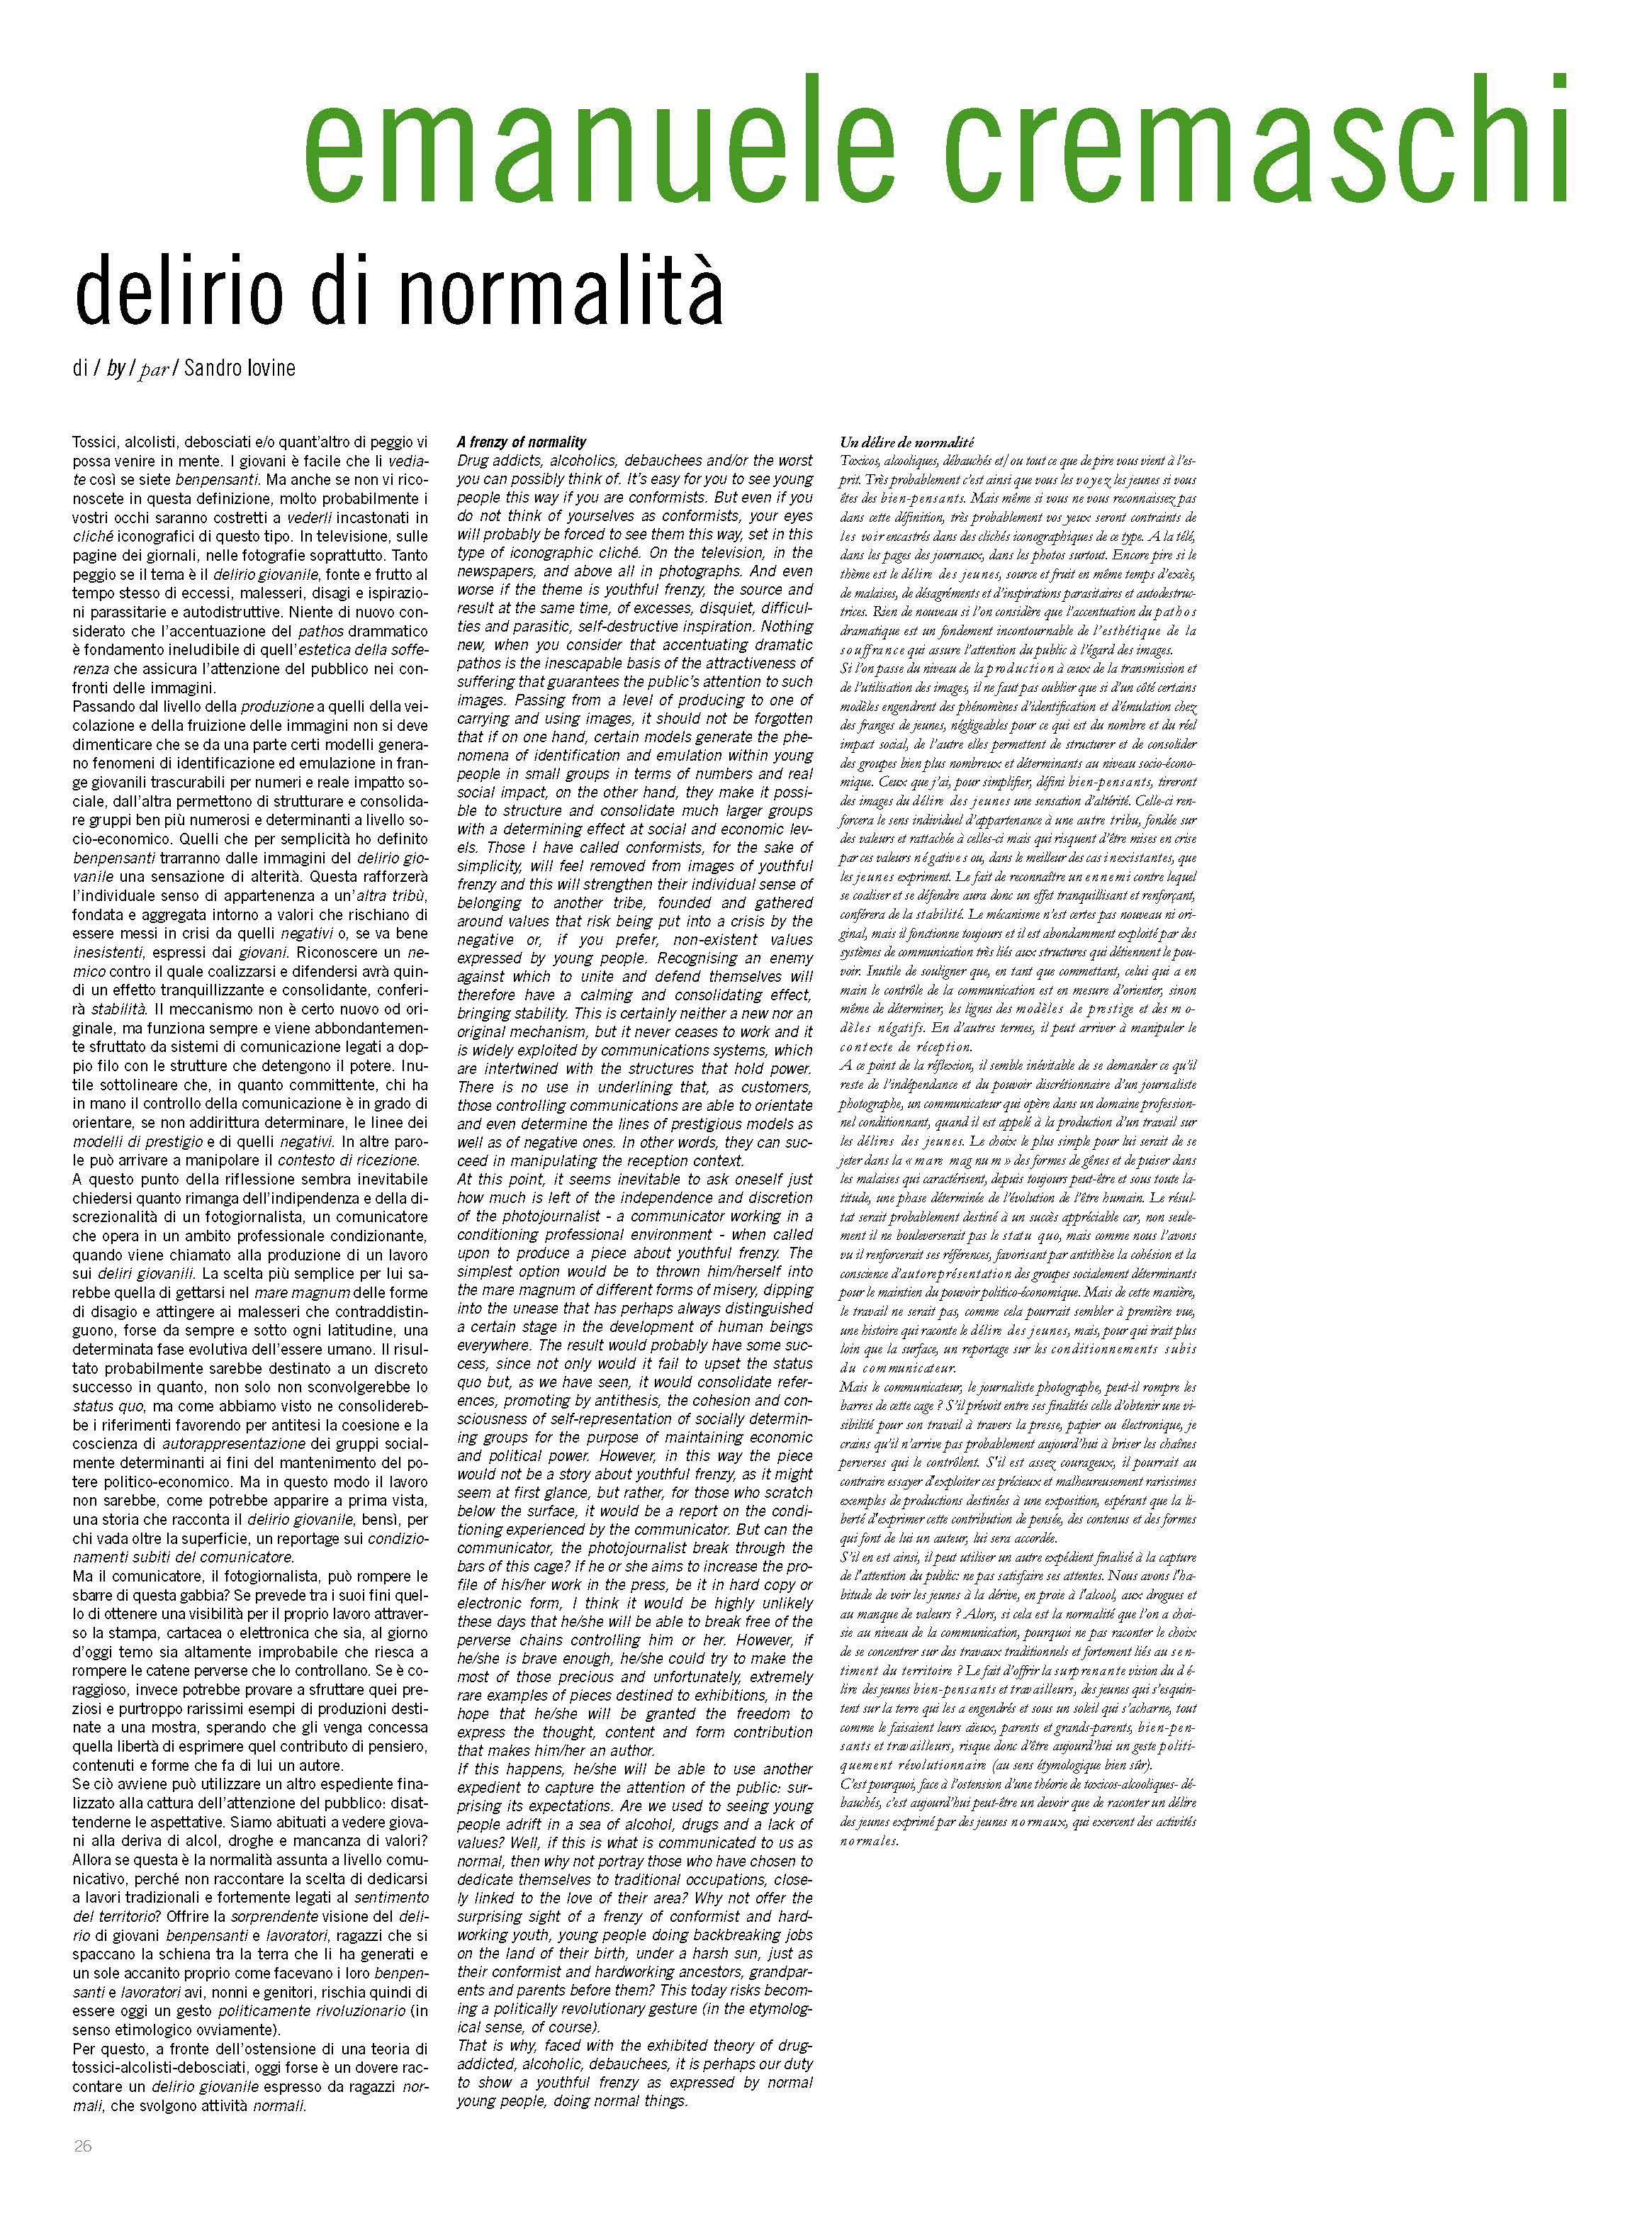 Catalogo_menotrentuno_2_Page_028.jpg